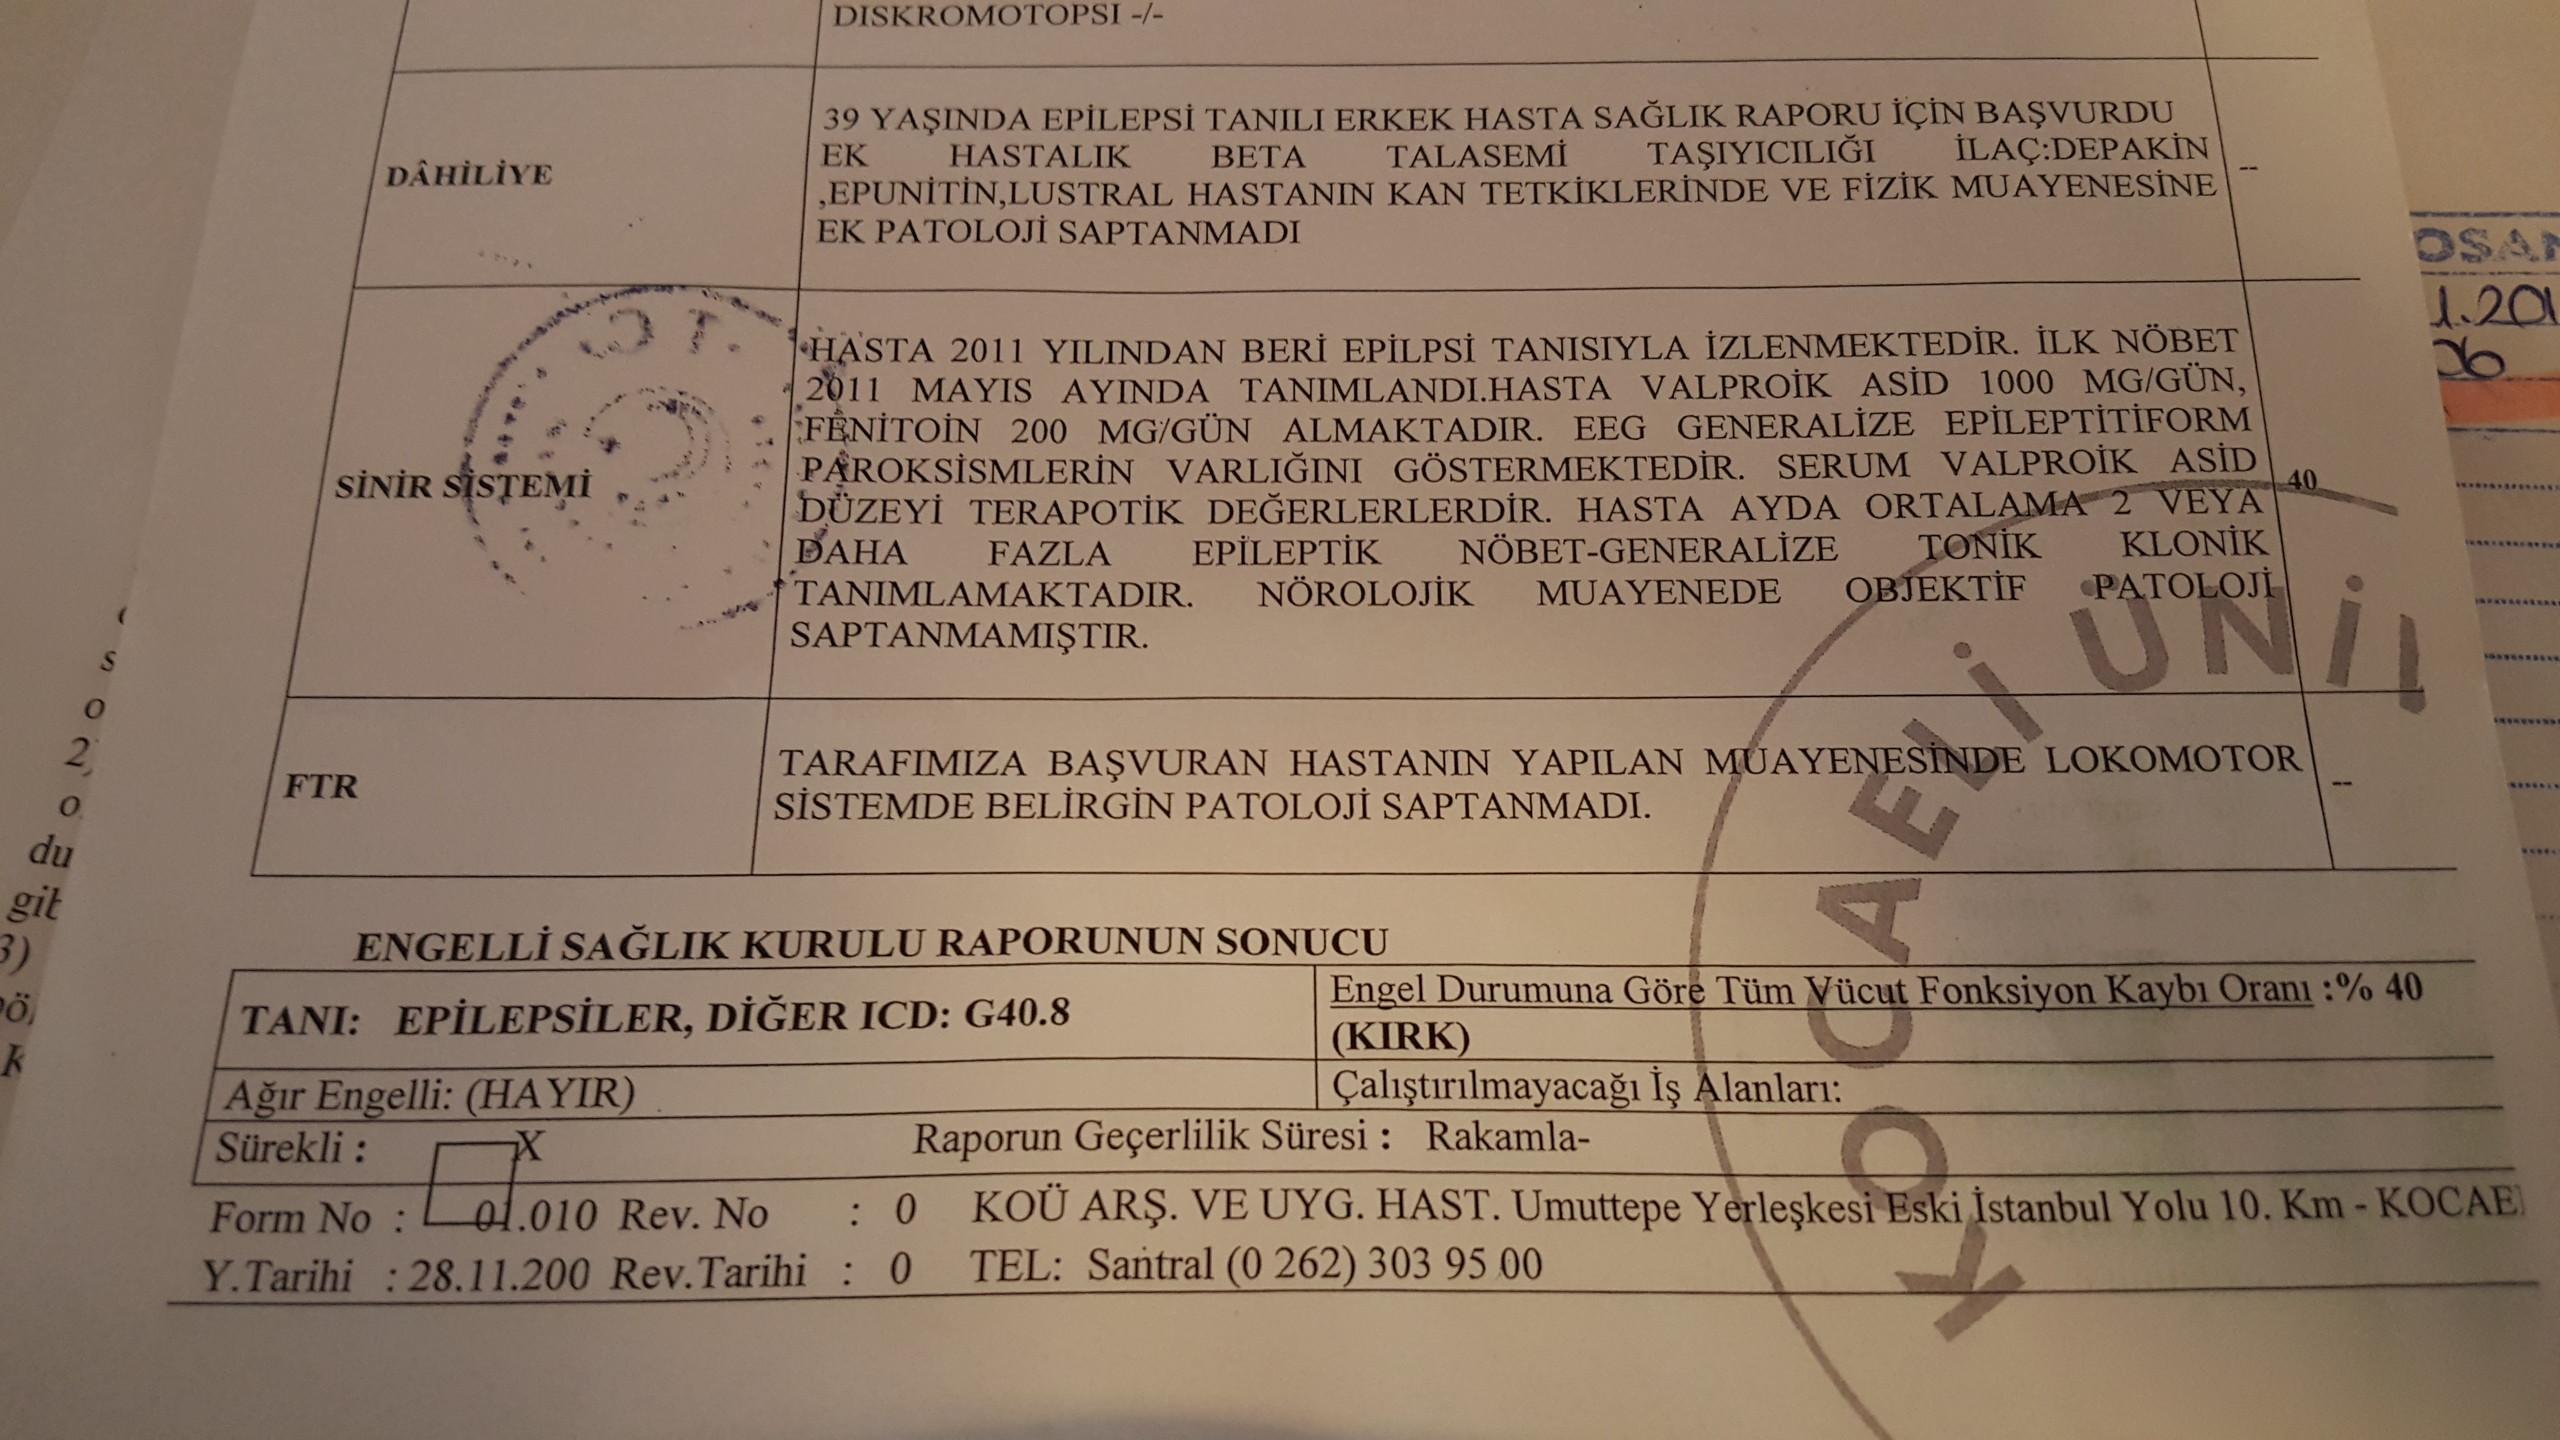 W9oBLQ - Ankara Maliye'de  raporum  düşürüldü! Ne  yapabilirim?